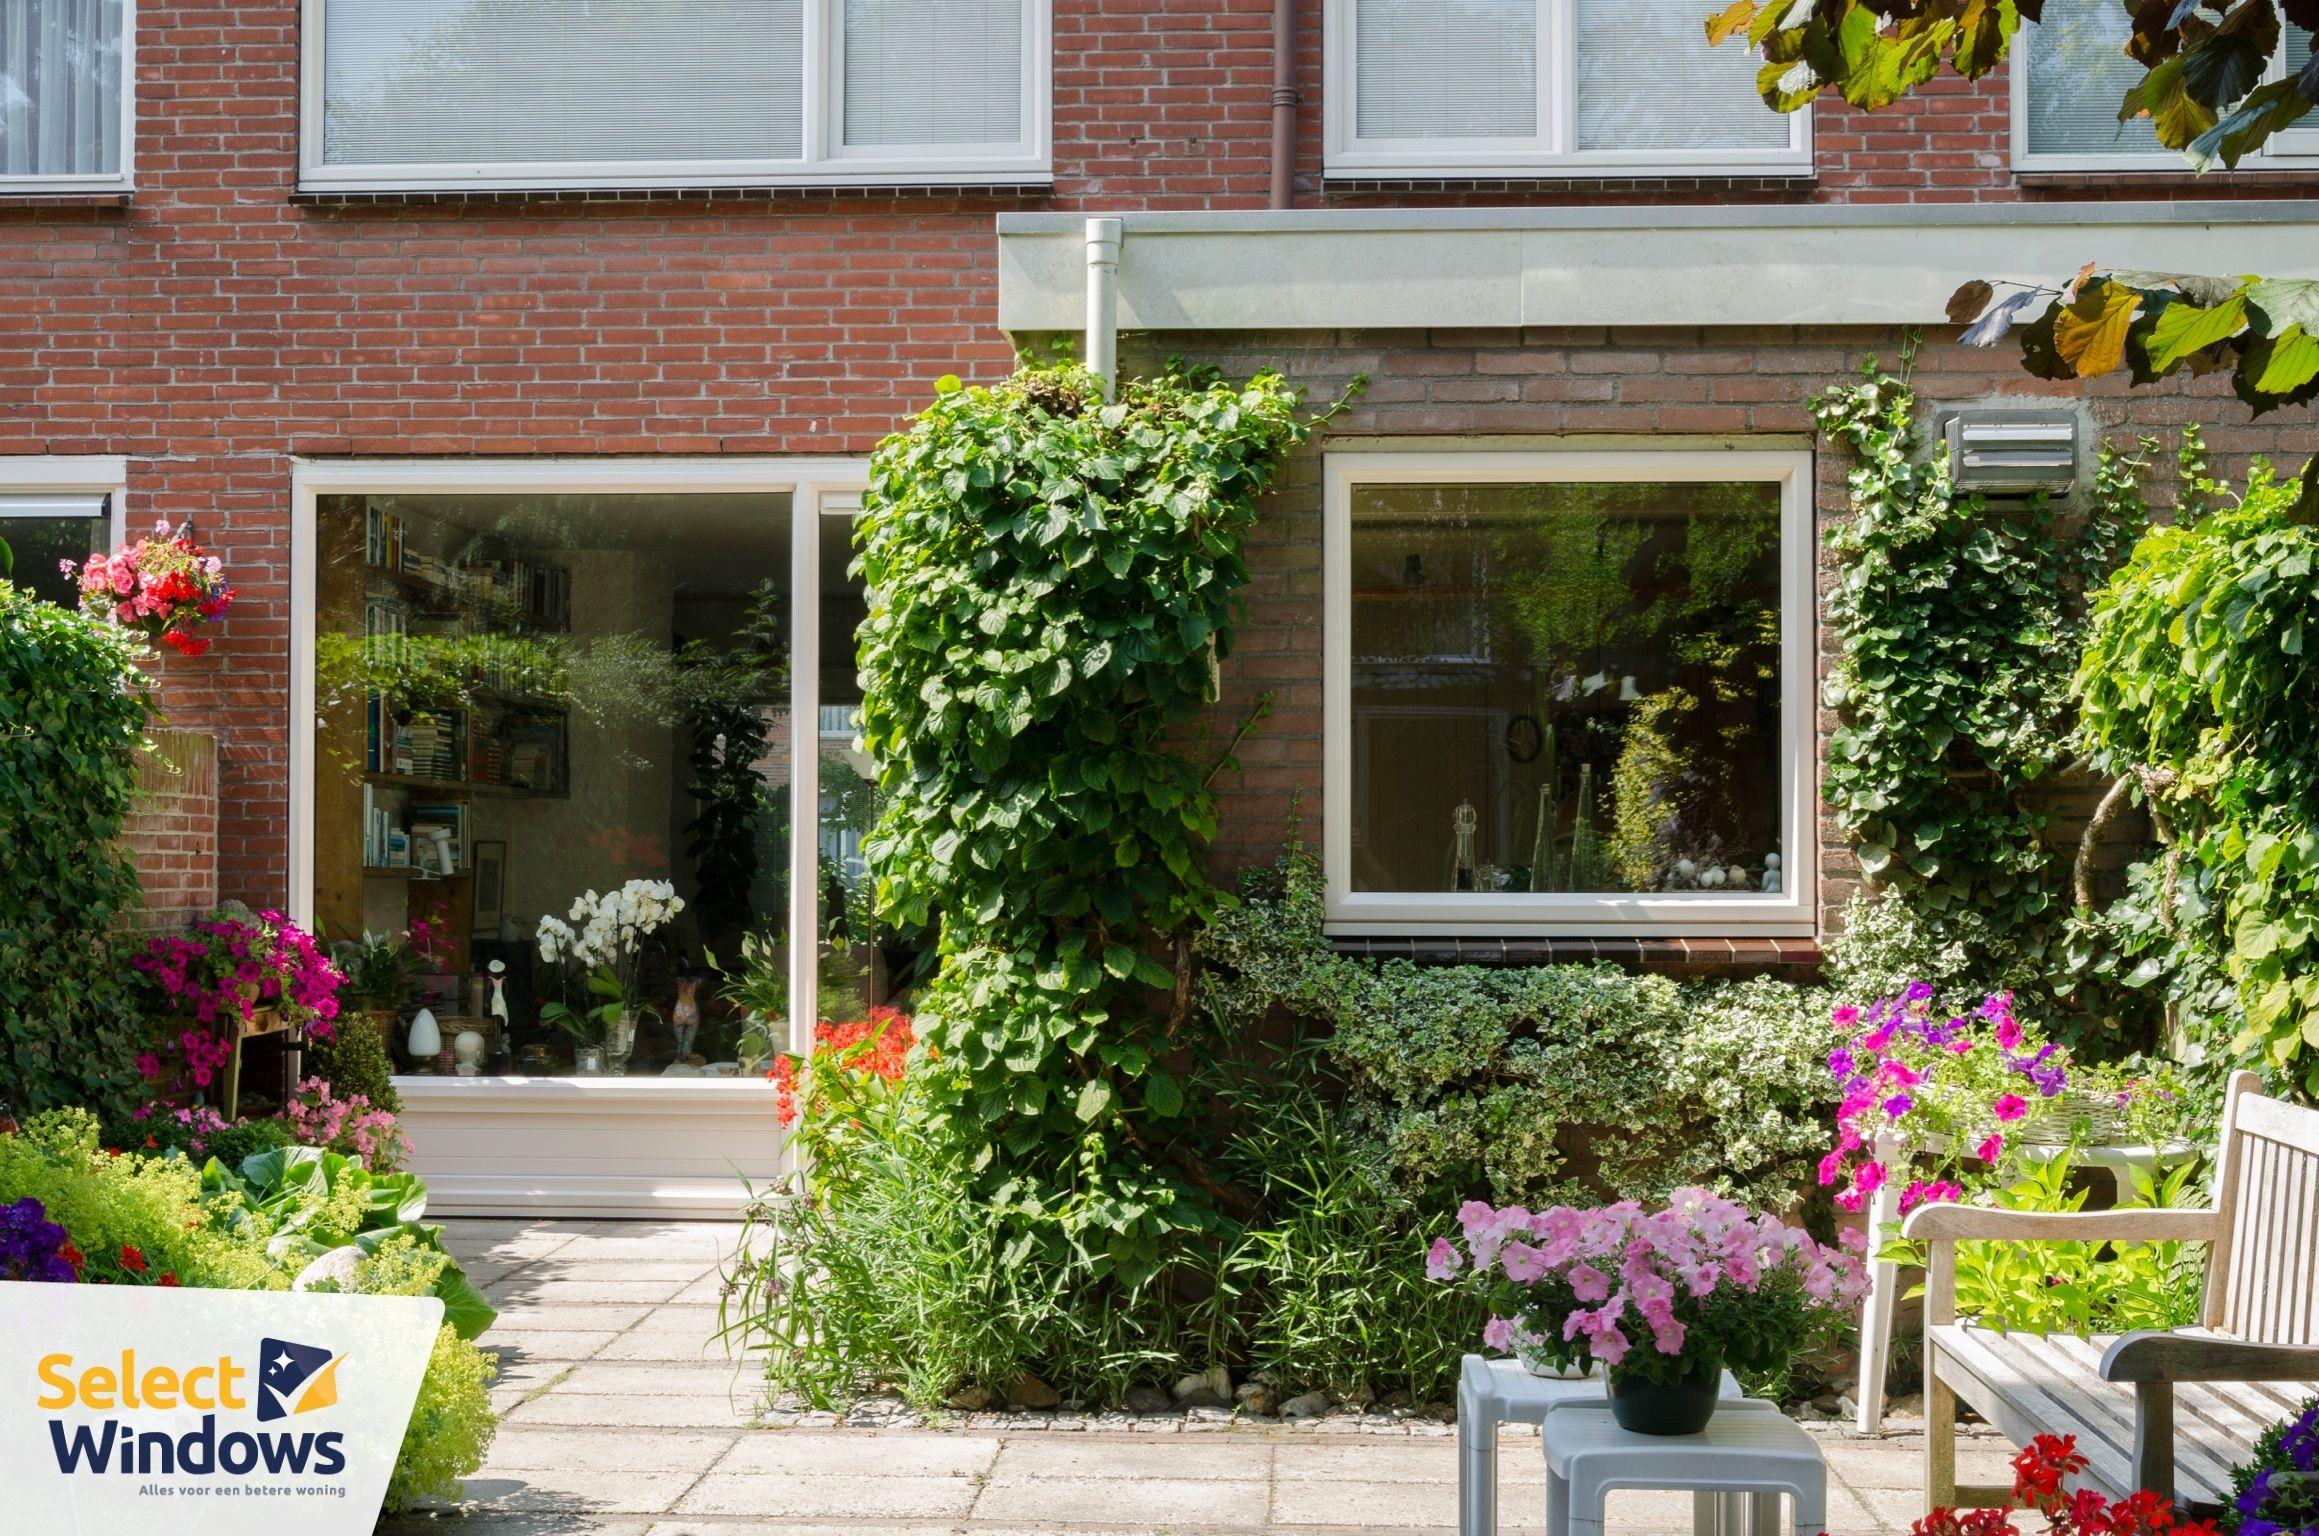 Genieten van huis en tuin met onderhoudsarme kozijnen in